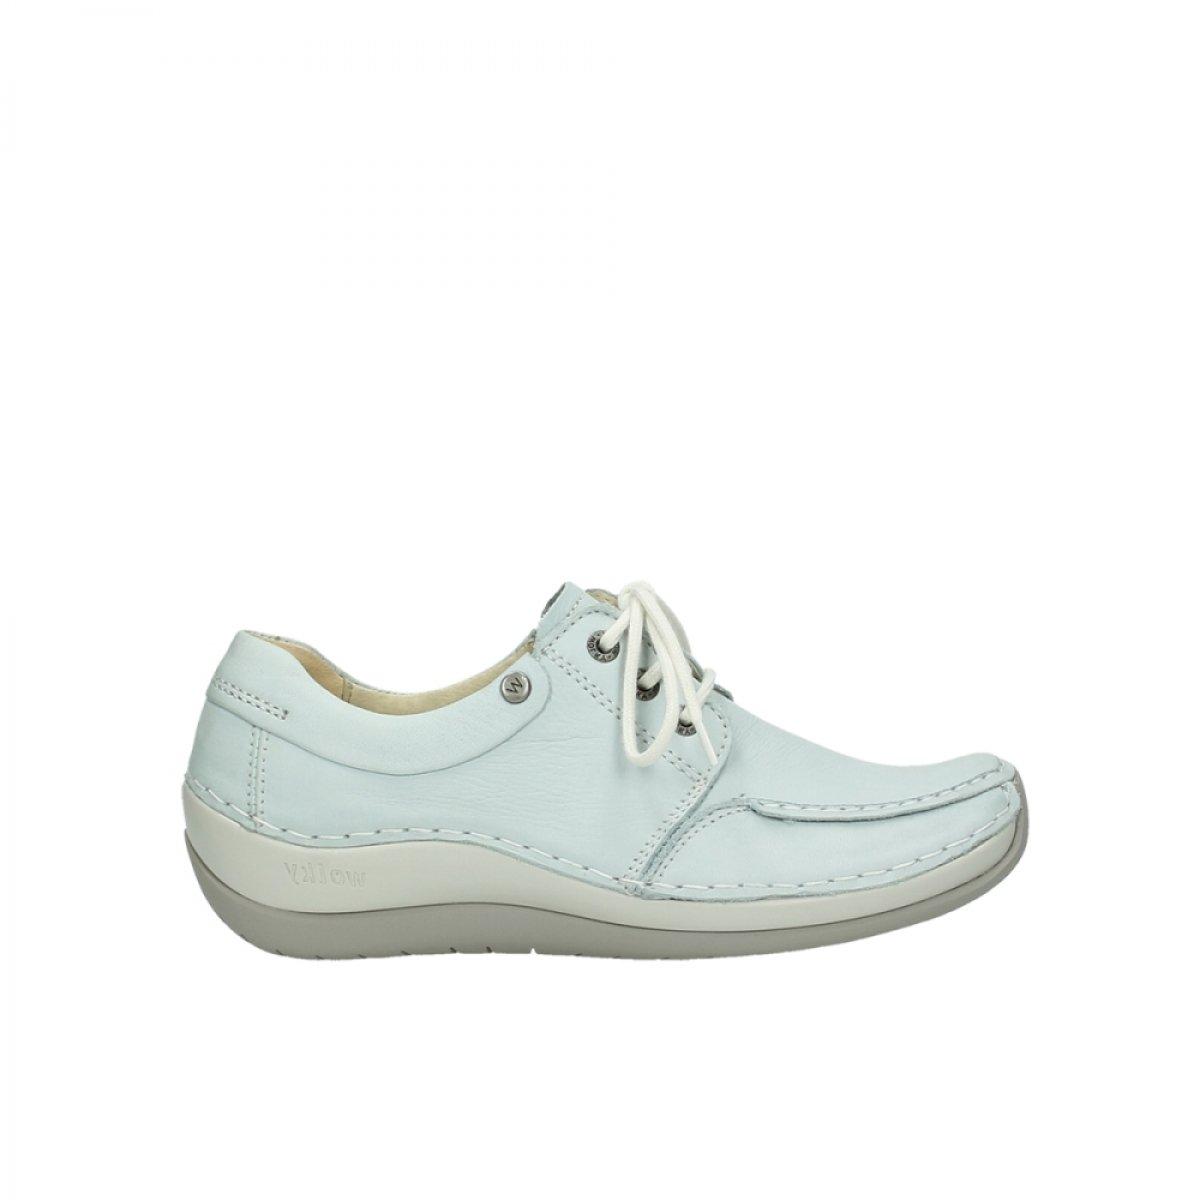 285 Ice Blau Leather Wolky Damen Schnuerschuhe Coral schwarz Summer Velvet lea. 4800207 Schwarz108885